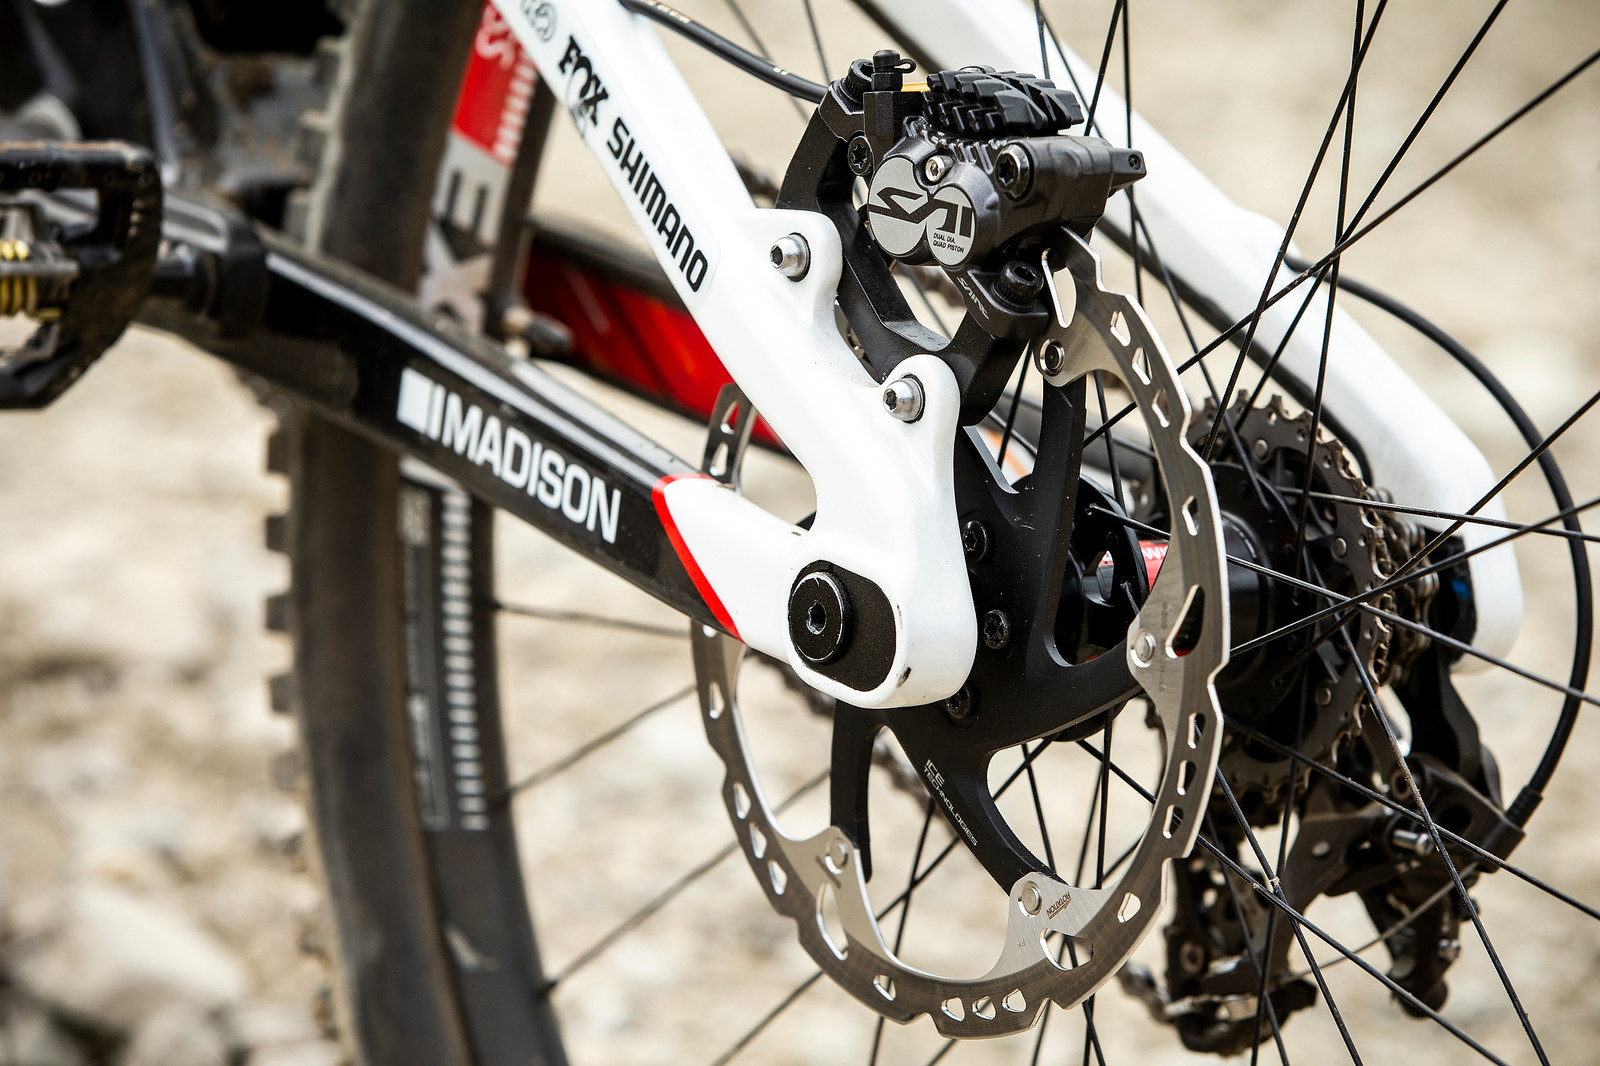 Slammed Chainstay Length for Innsbruck - WINNING BIKE - Danny Hart's Saracen Myst - Mountain Biking Pictures - Vital MTB